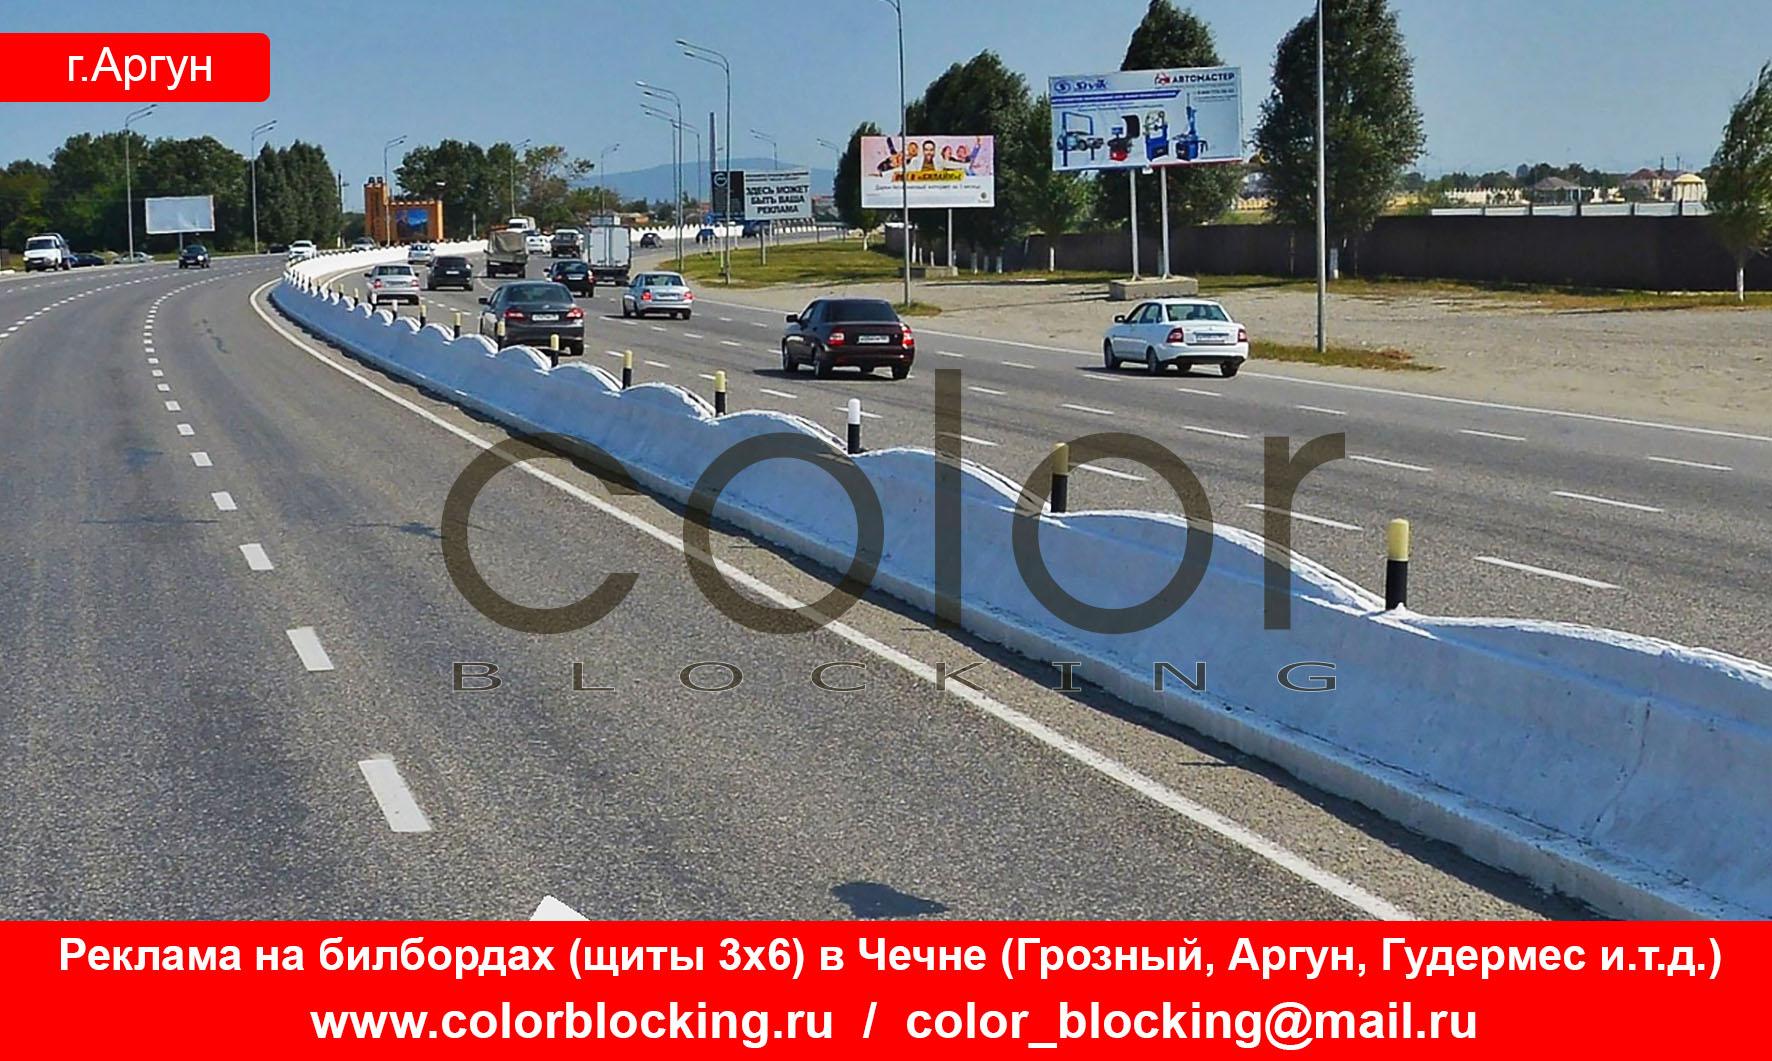 Наружная реклама в Аргуне трасса